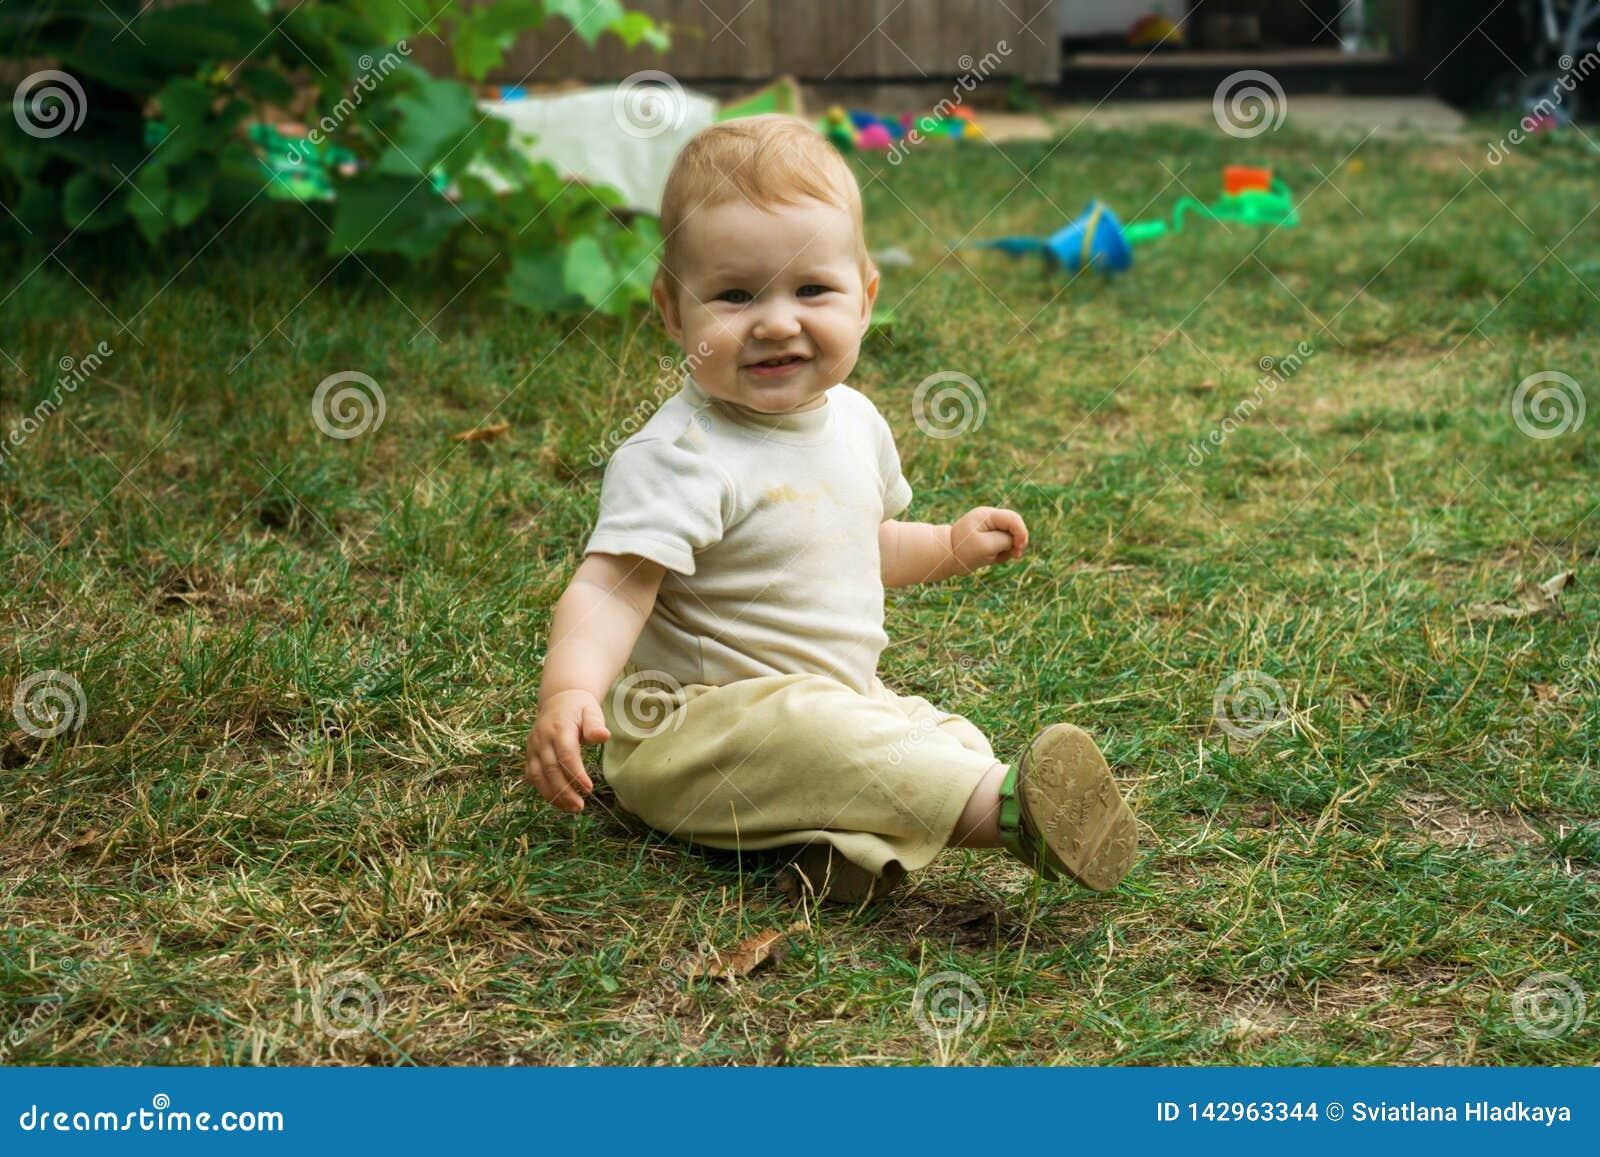 Το παιδί σέρνεται ευτυχώς και κάθεται στην πράσινη χλόη Χαμόγελα και κινήσεις μικρών παιδιών σε όλα τα fours γύρω από το ναυπηγεί